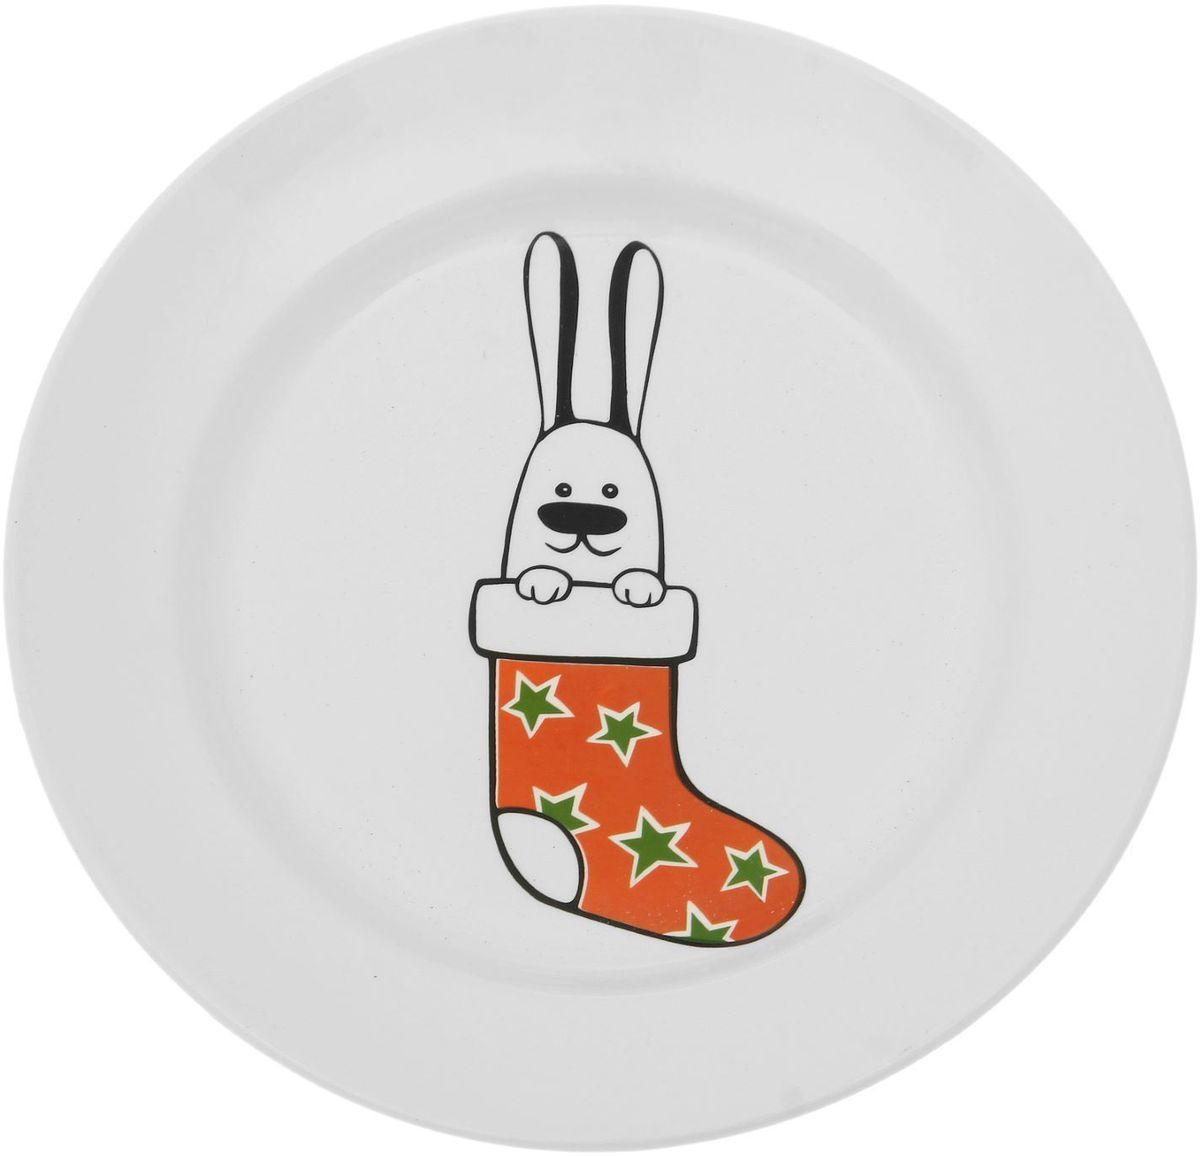 Тарелка мелкая Сотвори чудо Рождественский кролик, диаметр 20 см1828177Хотите обновить интерьер кухни или гостиной? Устраиваете необычную фотосессию или тематический праздник? А может, просто ищете подарок для близкого человека? Посуда Сотвори Чудо — правильный выбор в любой ситуации. Тарелка Сотвори Чудо, изготовленная из изящного фаянса нежного сливочного цвета, оформлена оригинальным рисунком со стойкой краской. Пригодна для посудомоечной машины.